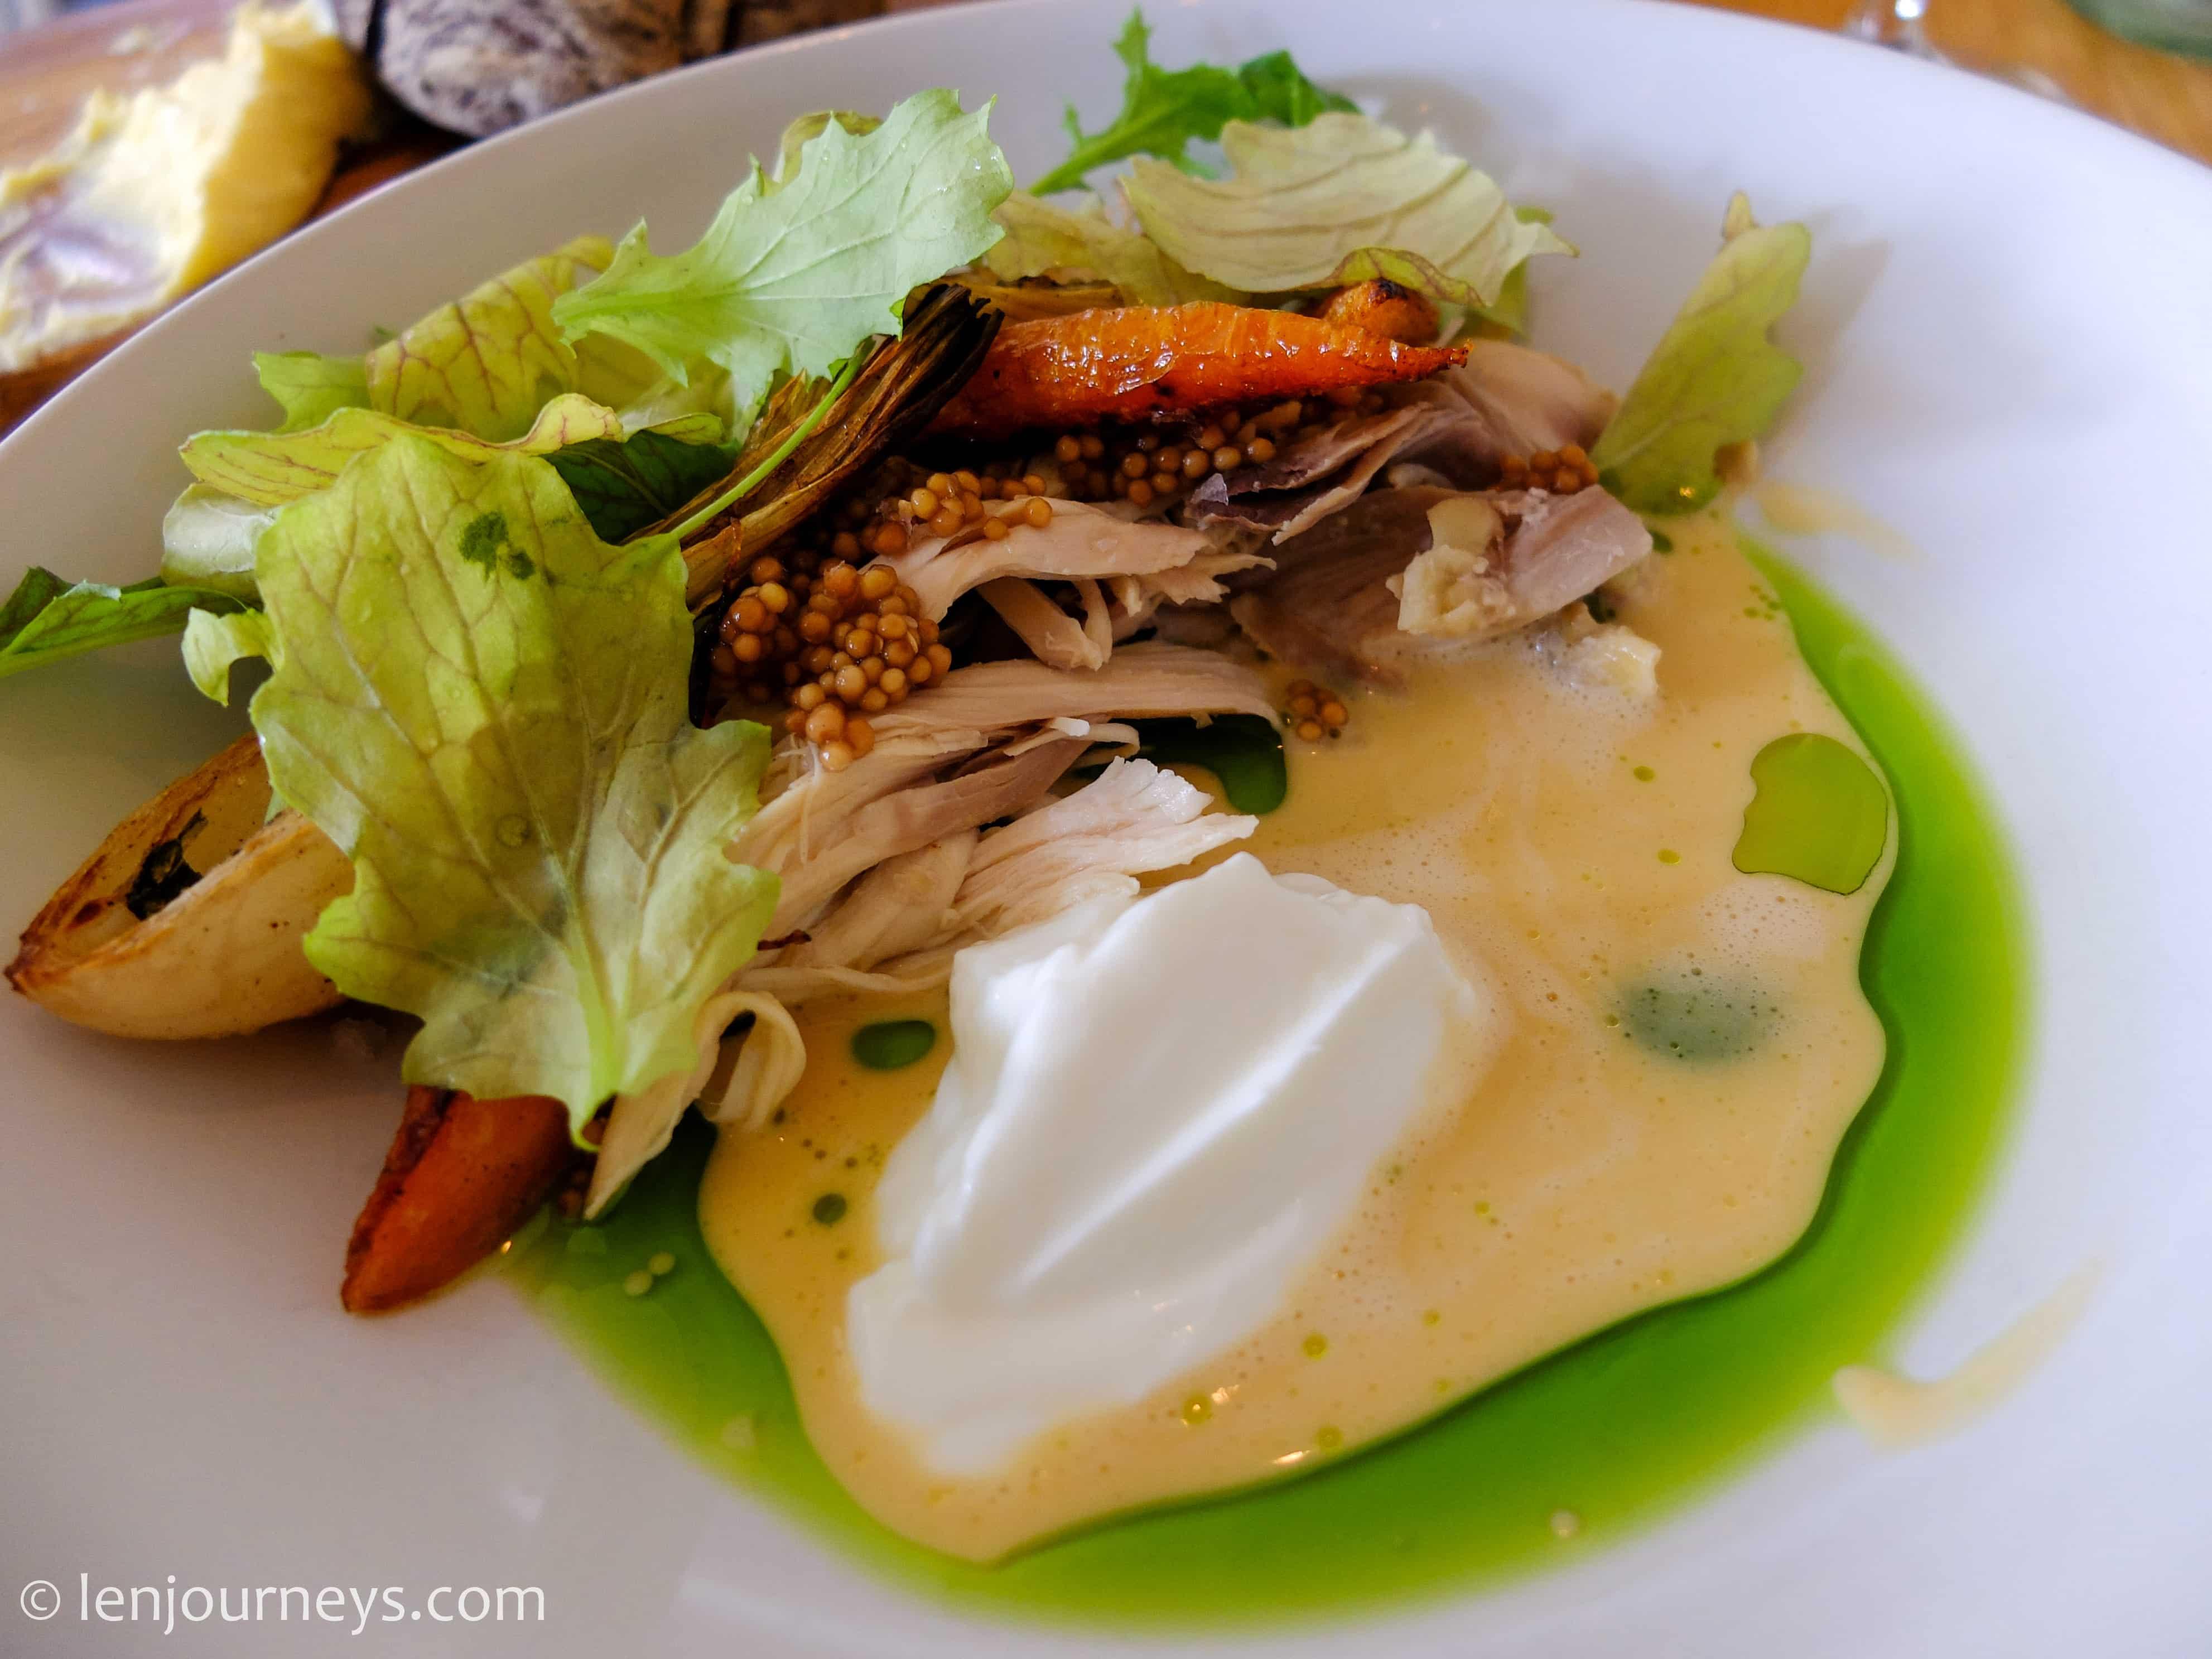 Innovative Nordic cuisine at Restaurant Pondus